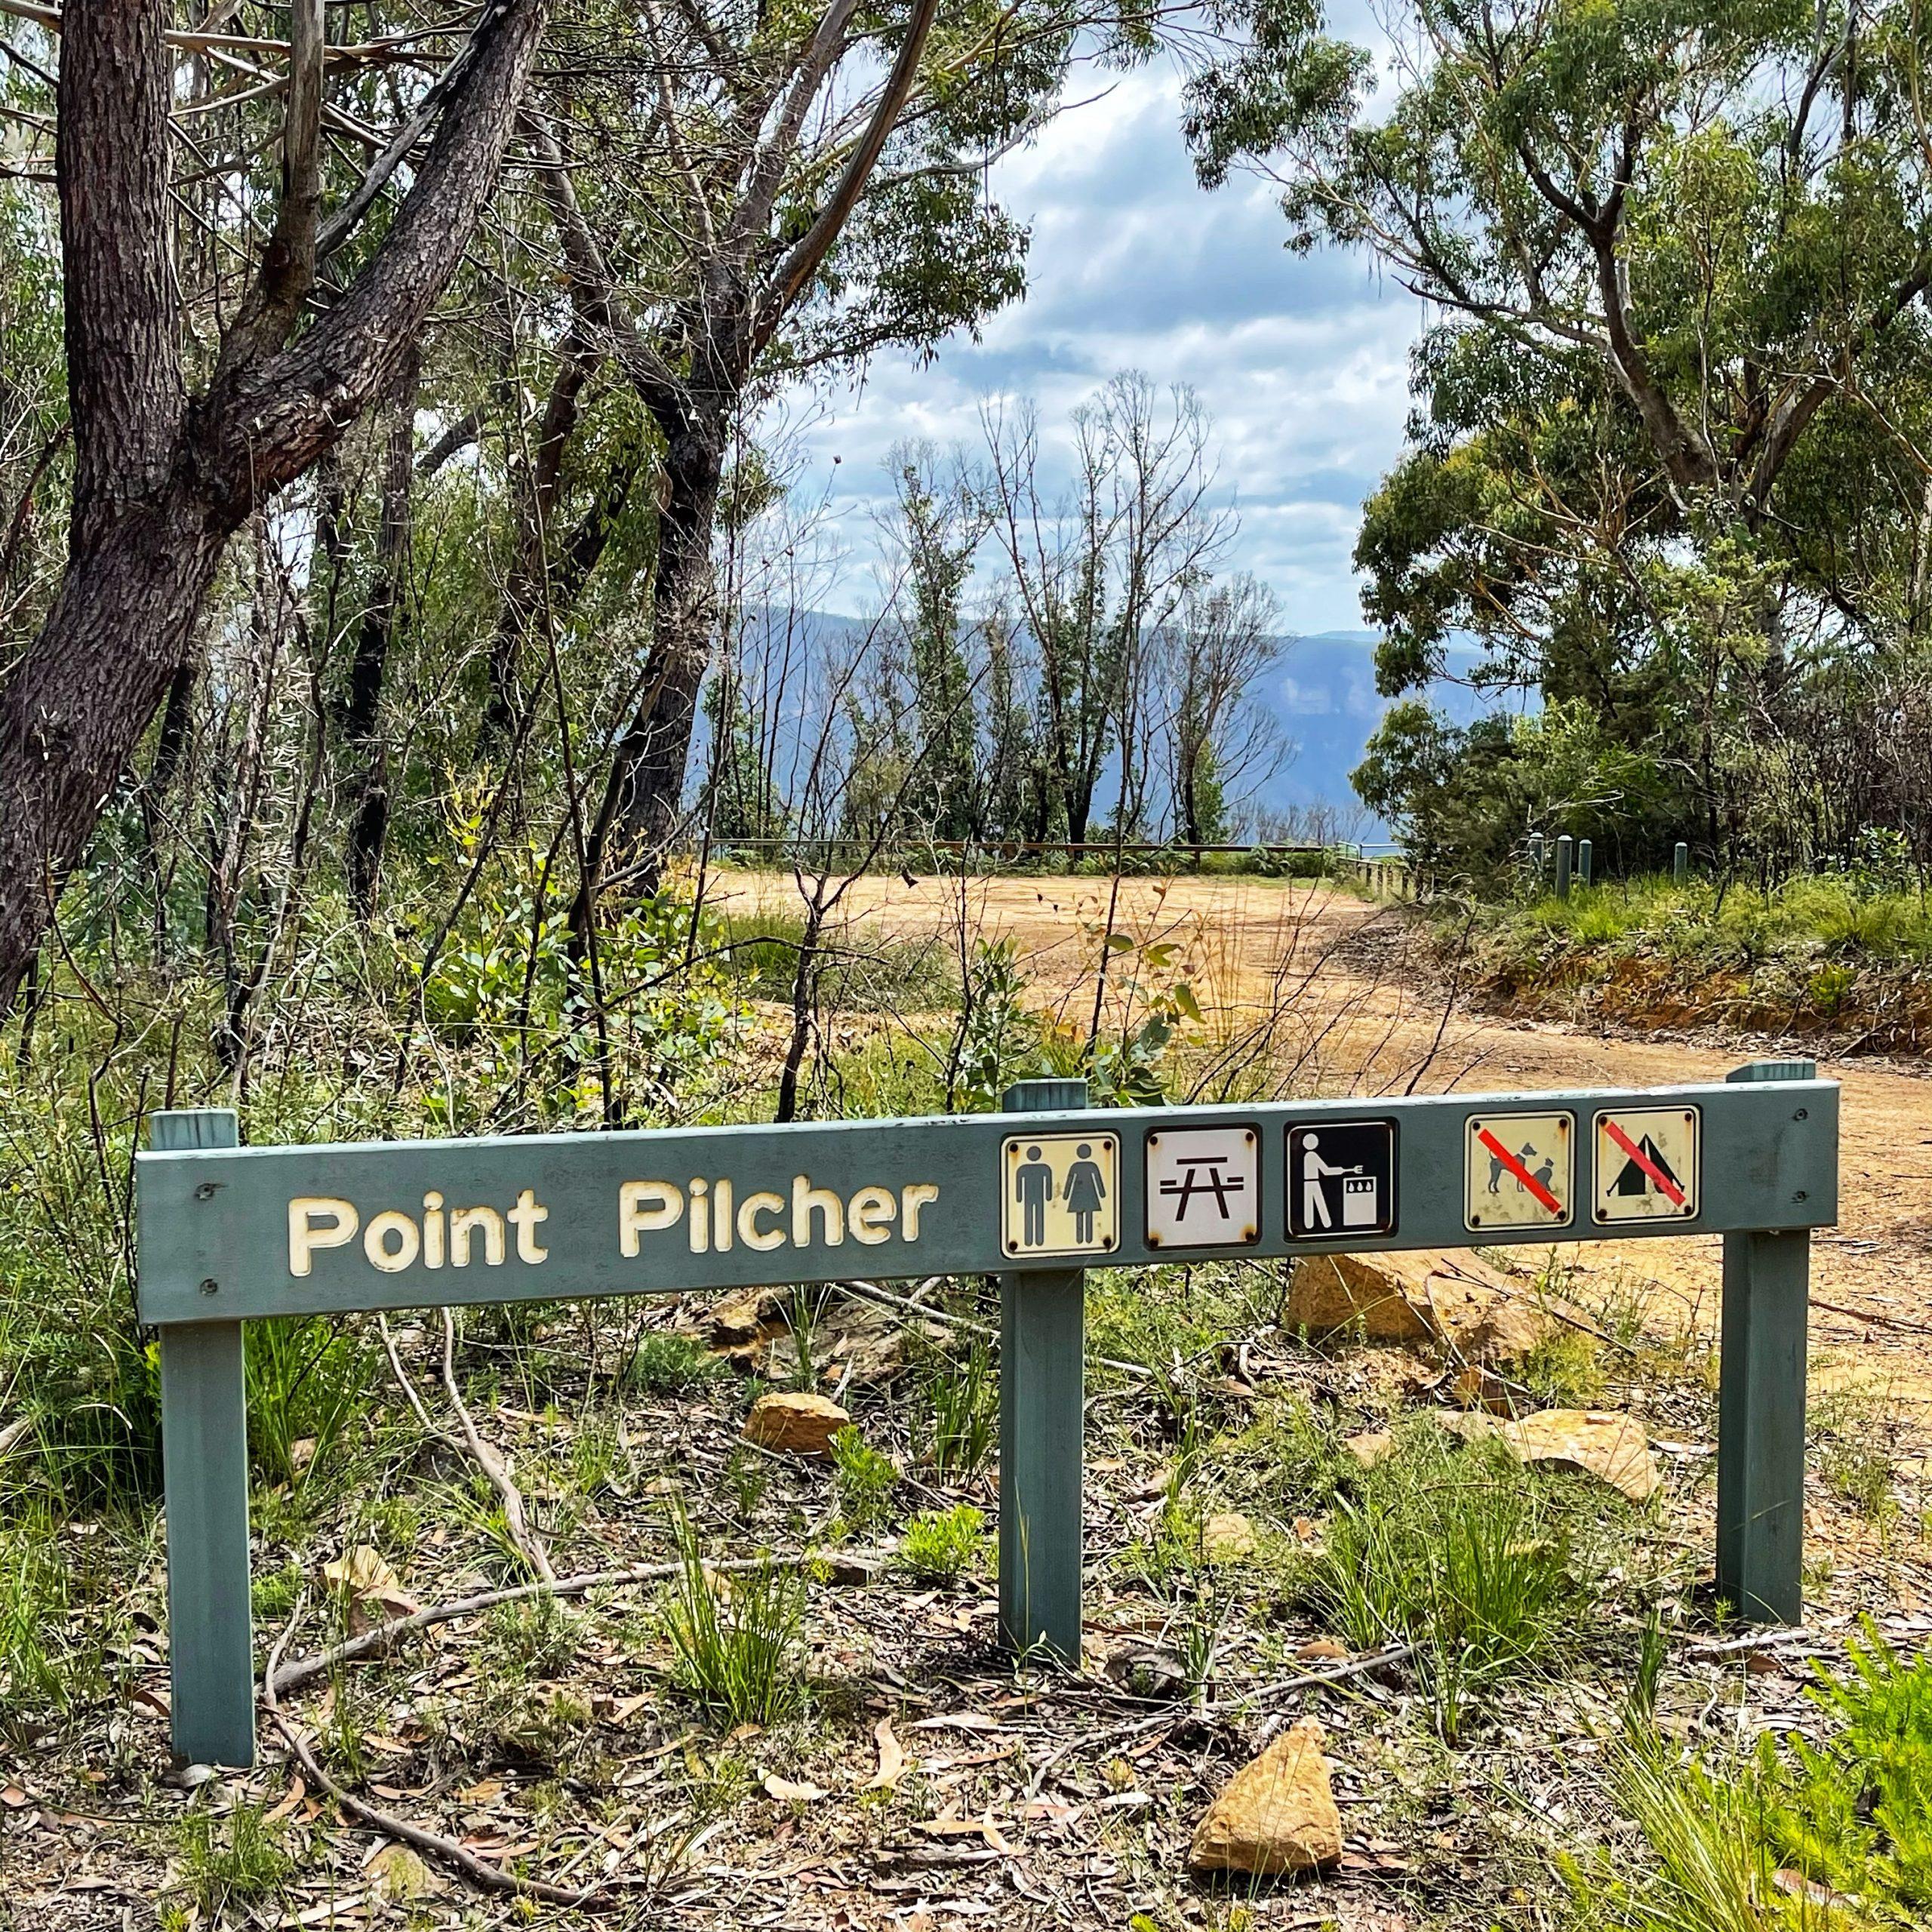 Point Plicher, Medlow Bath